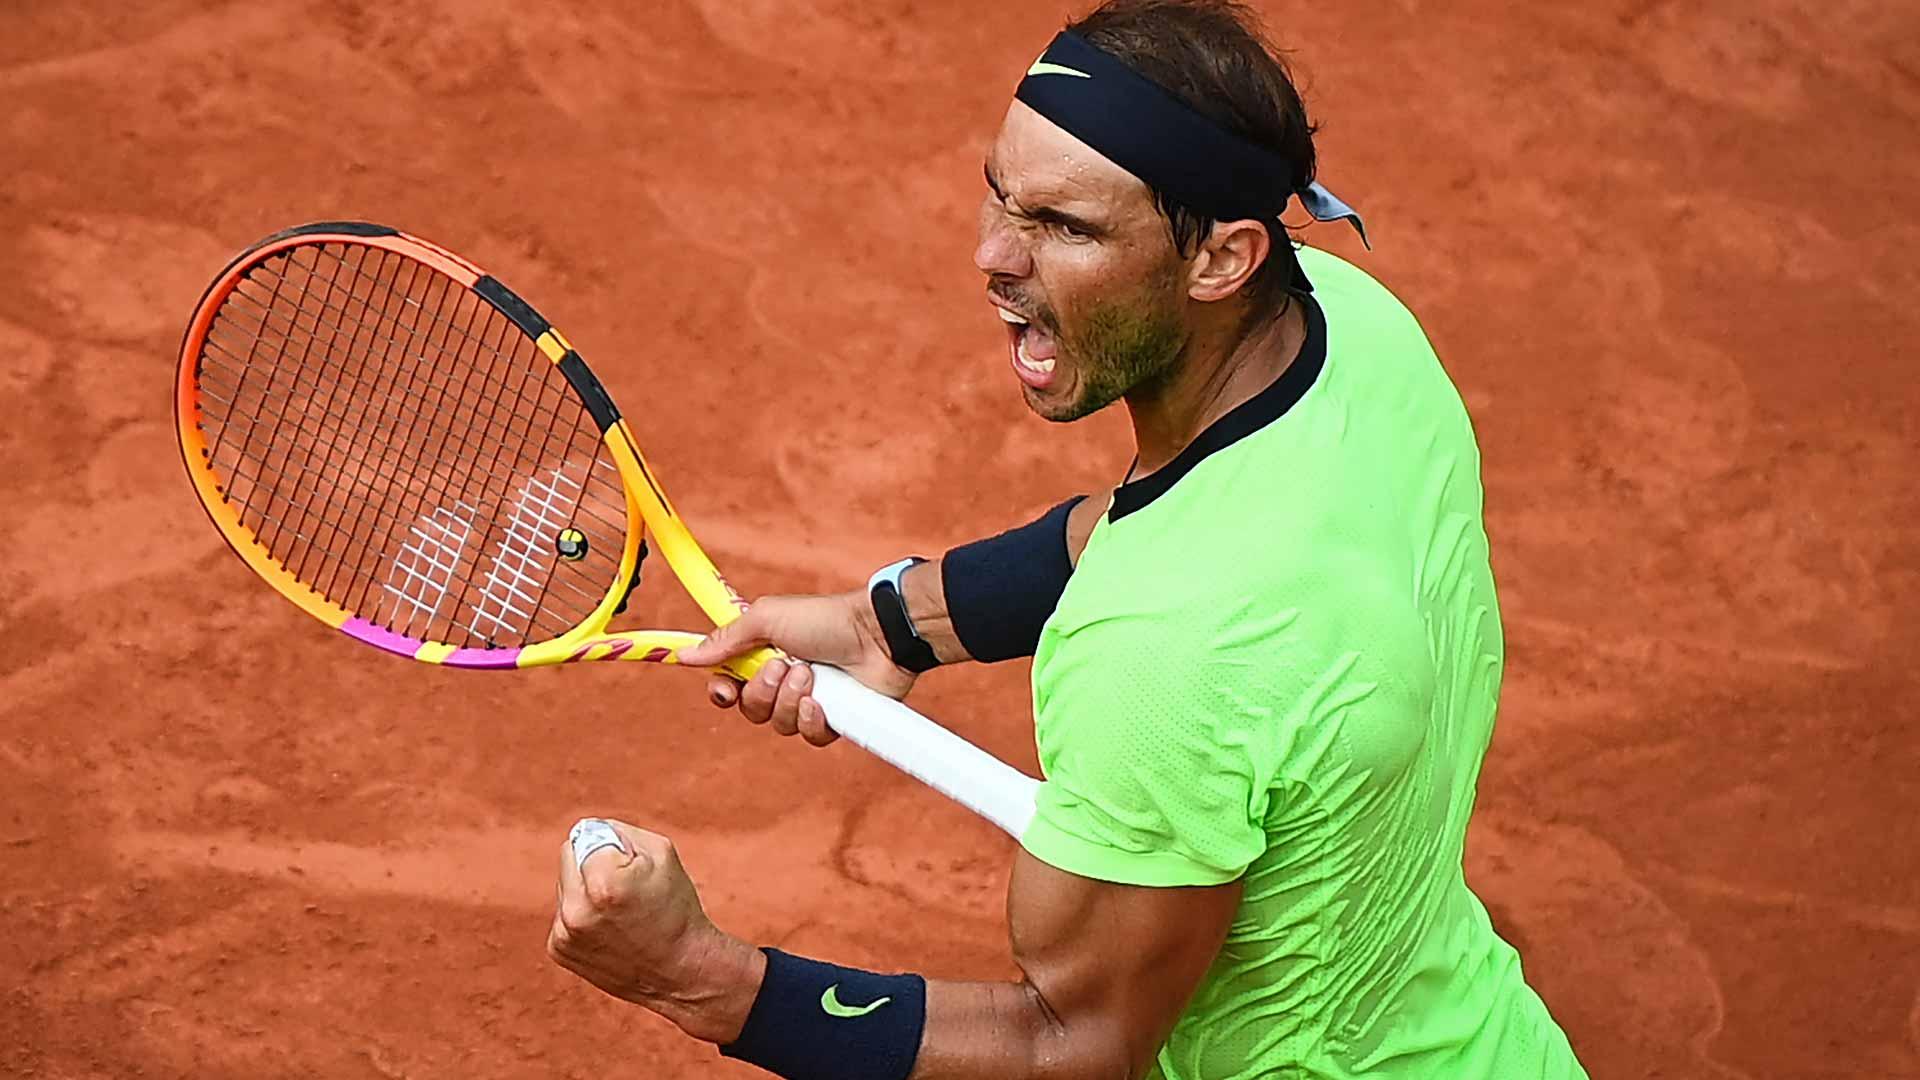 nadal roland garros 2021 saturday - Strašljiva statistika: Nadal dobil še 35. niz zapored